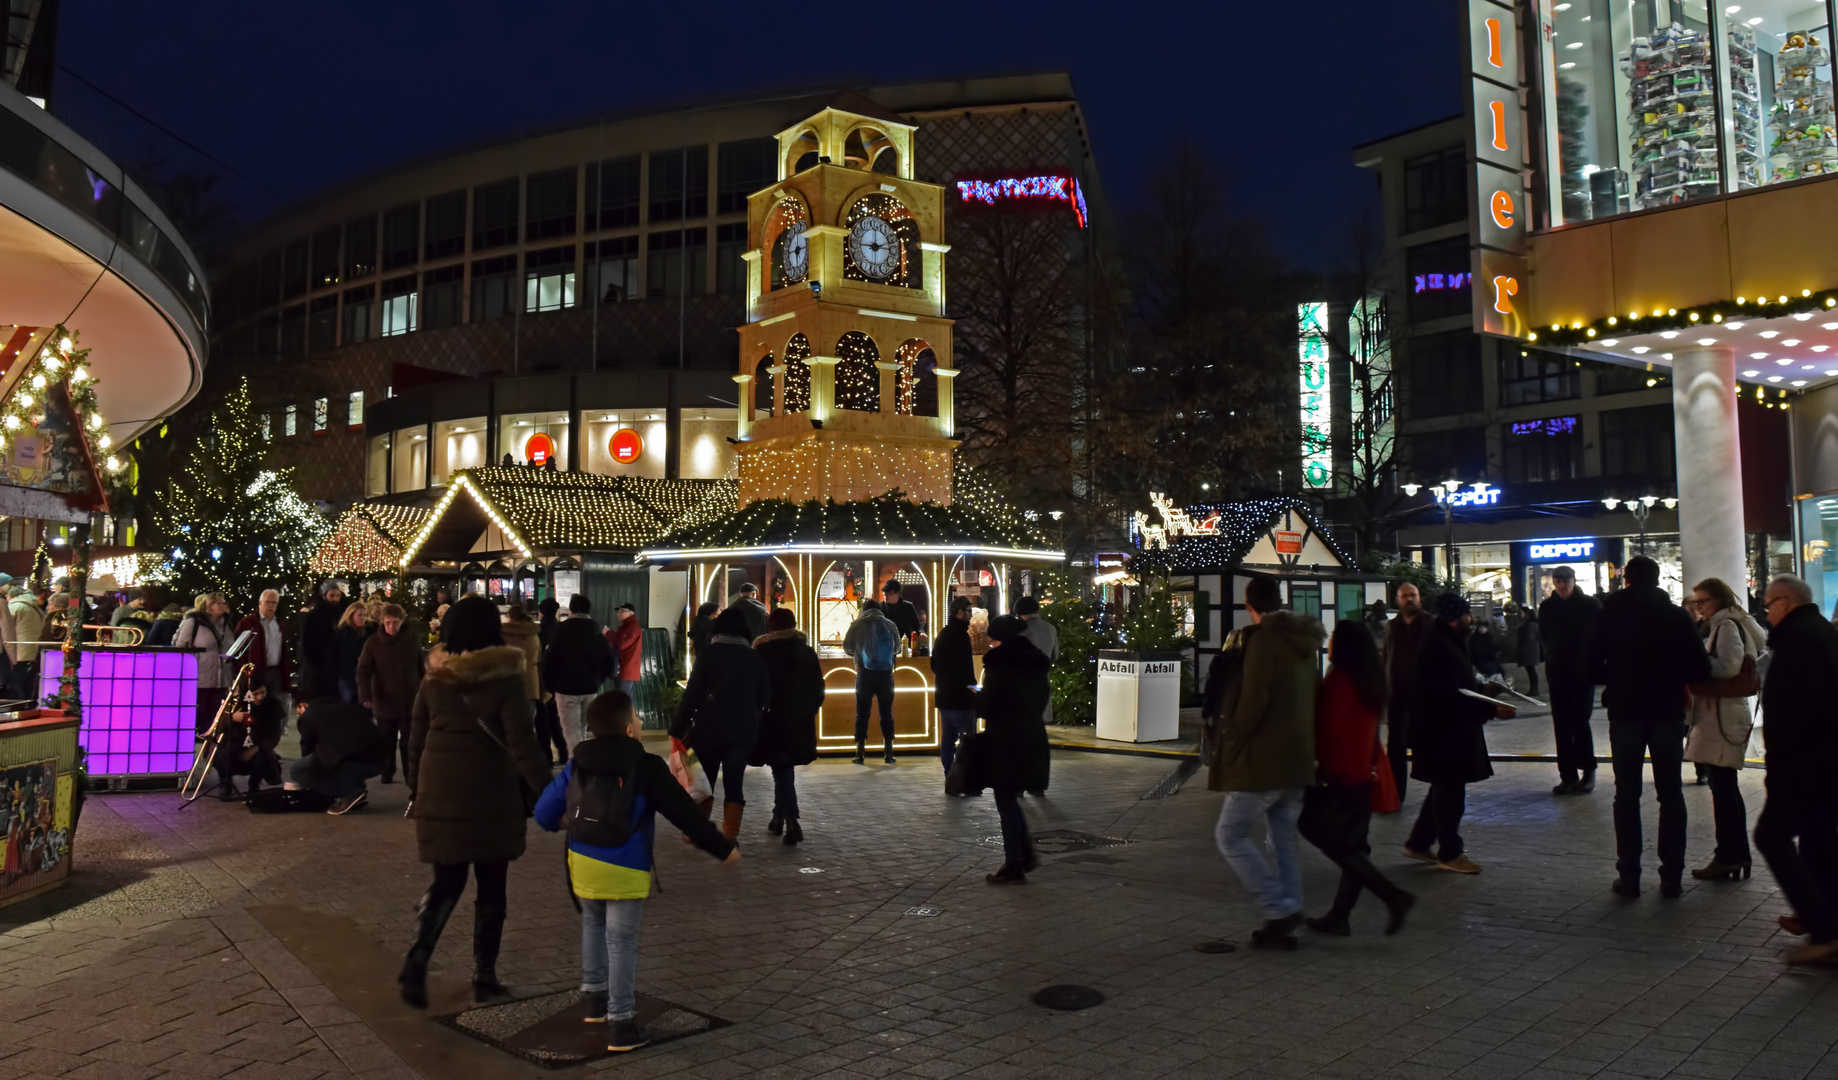 Weihnachtsmarkt Elberfeld